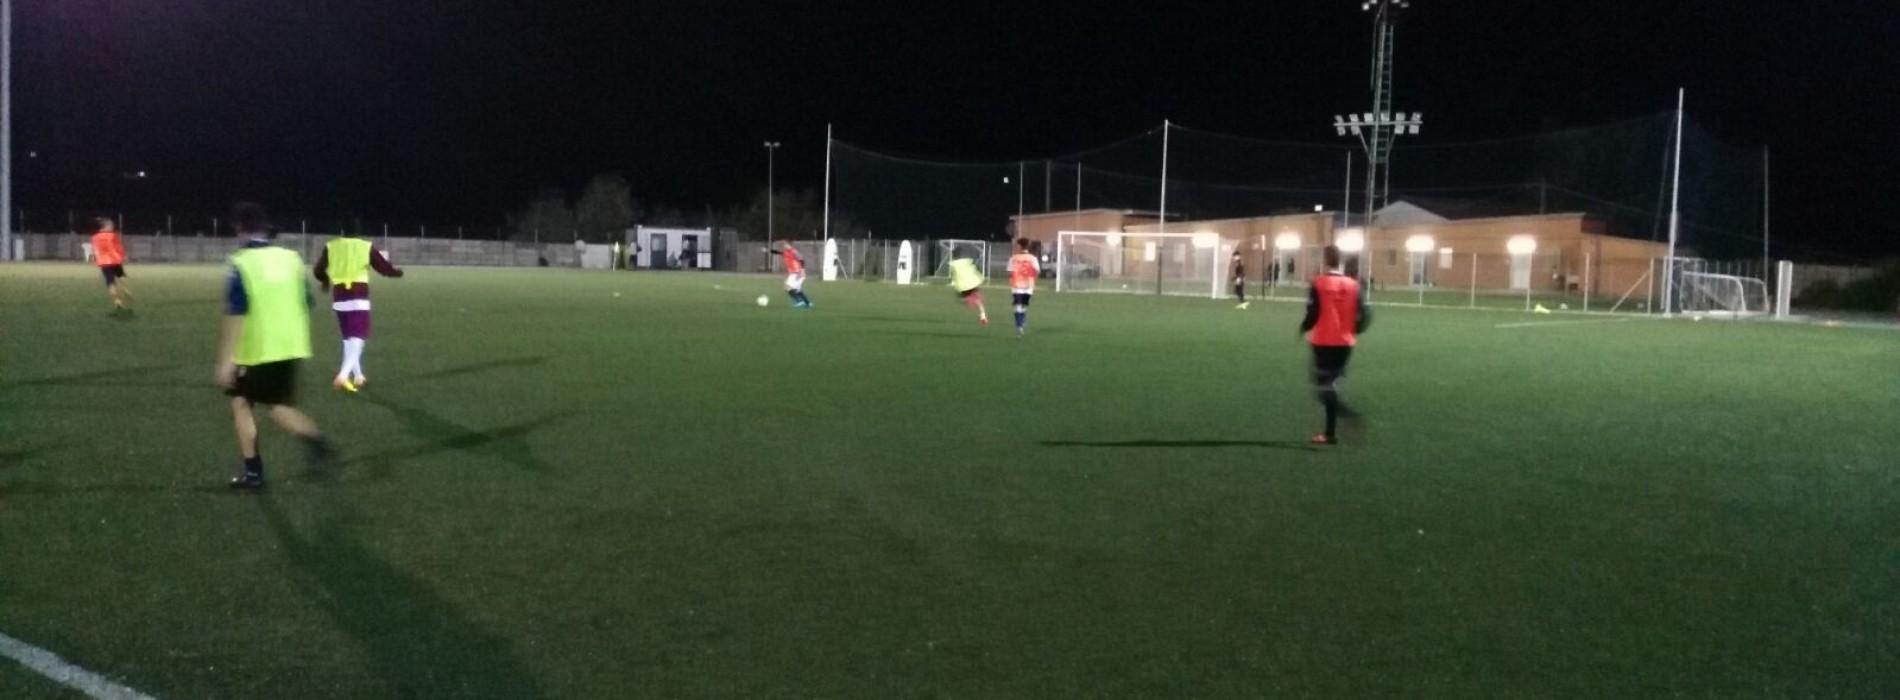 Primi allenamenti ad Avigliano per le Rappresentative Allievi e Giovanissimi